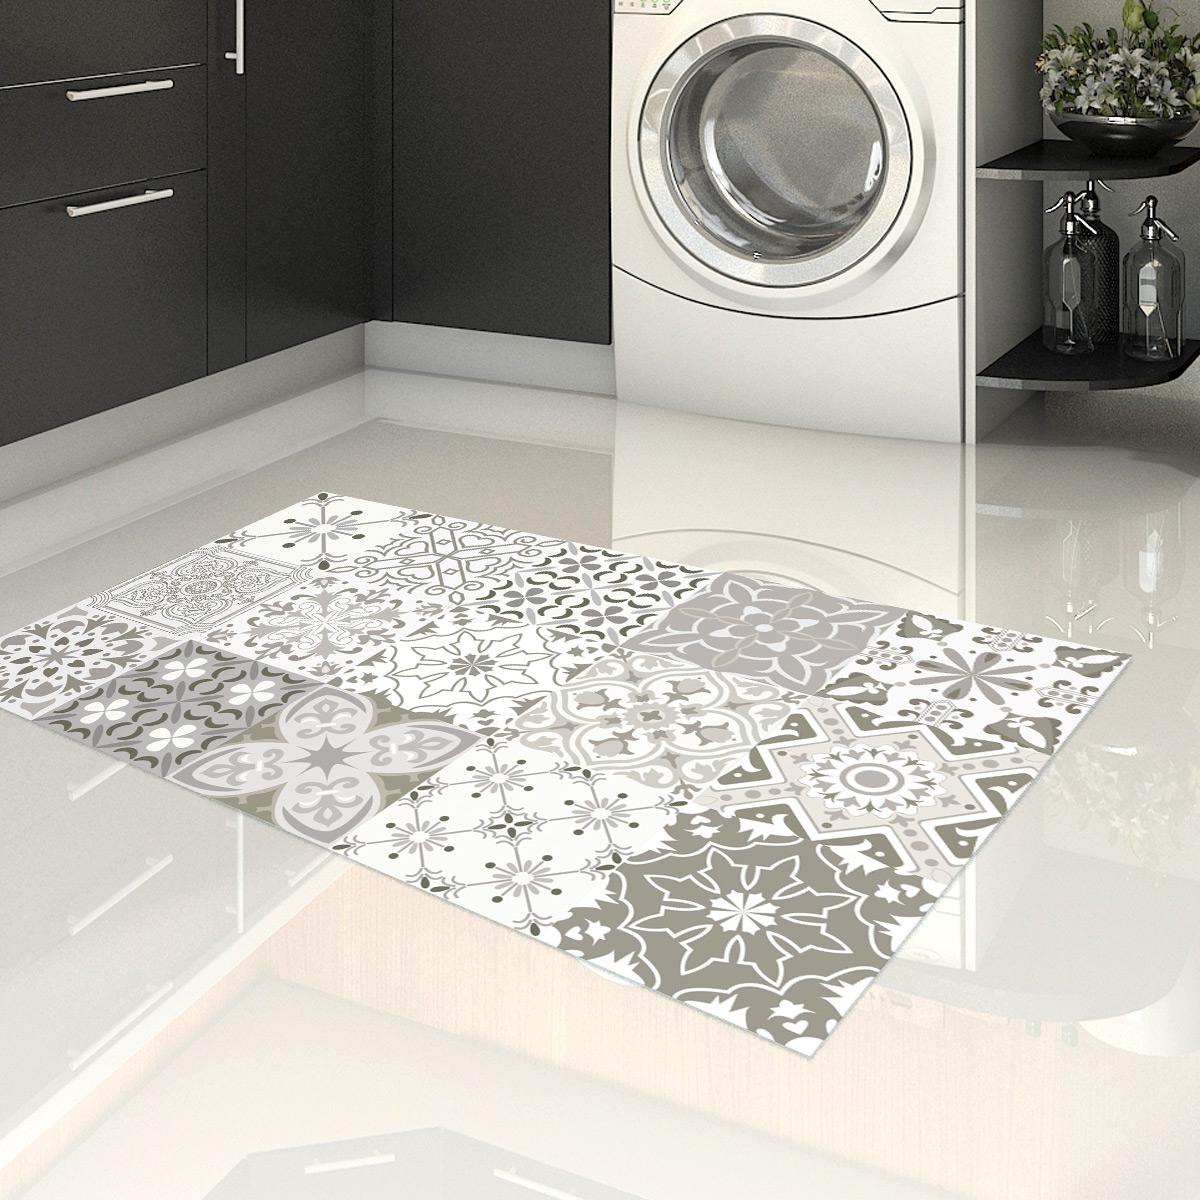 tapis vinyle carrelages nuances de gris romeo 60 x 100 cm stickers salle de bain et wc salle de bain ambiance sticker